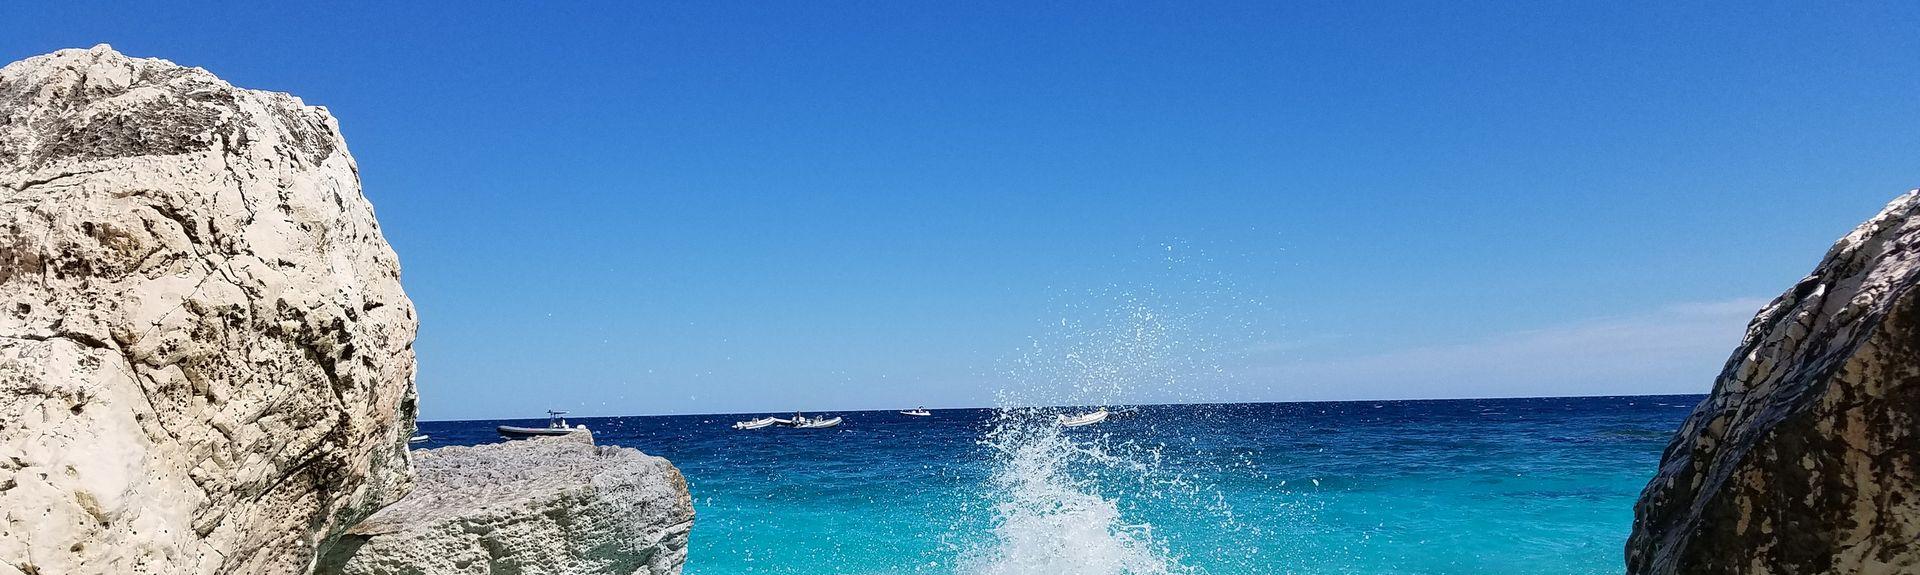 Spiaggia di La Caletta, Siniscola, Sardegna, Italia